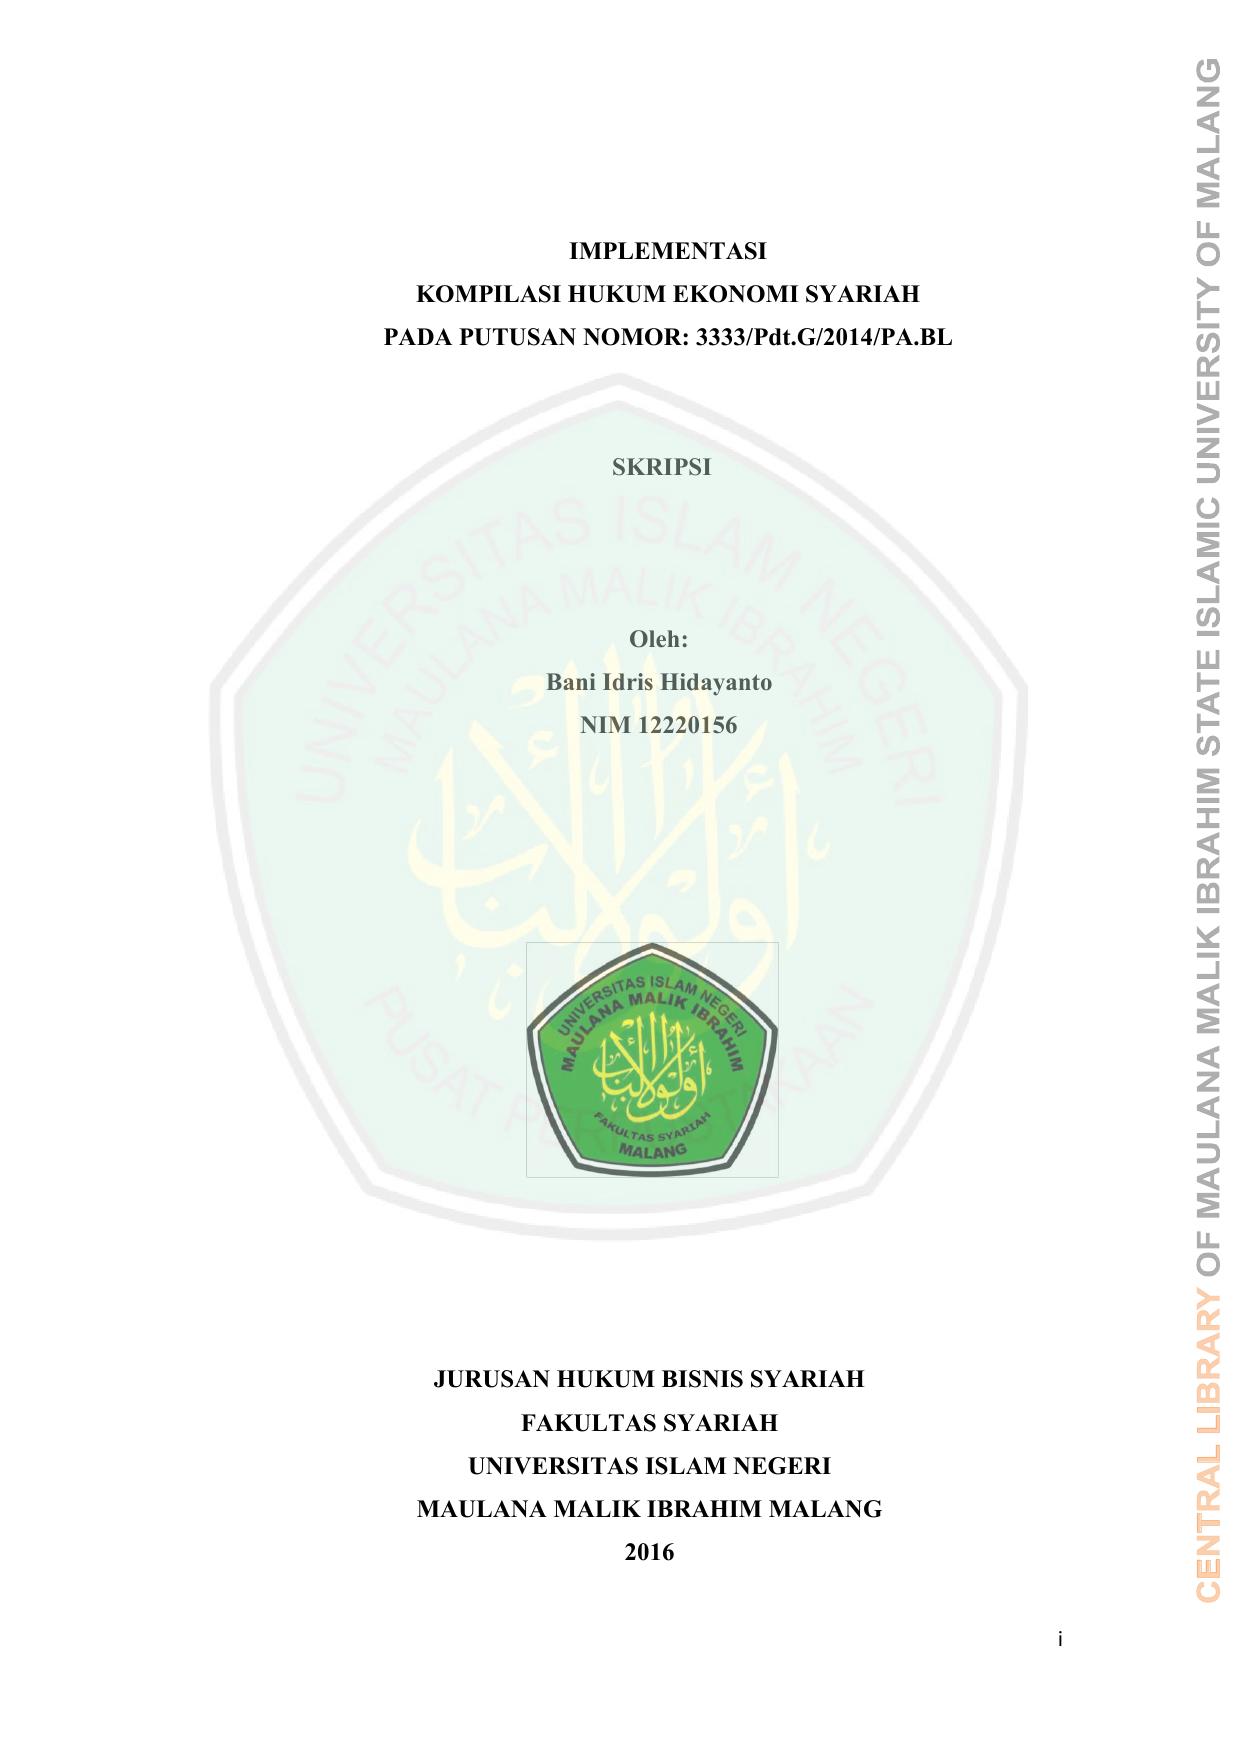 Judul Skripsi Hukum Ekonomi Syariah Ide Judul Skripsi Universitas